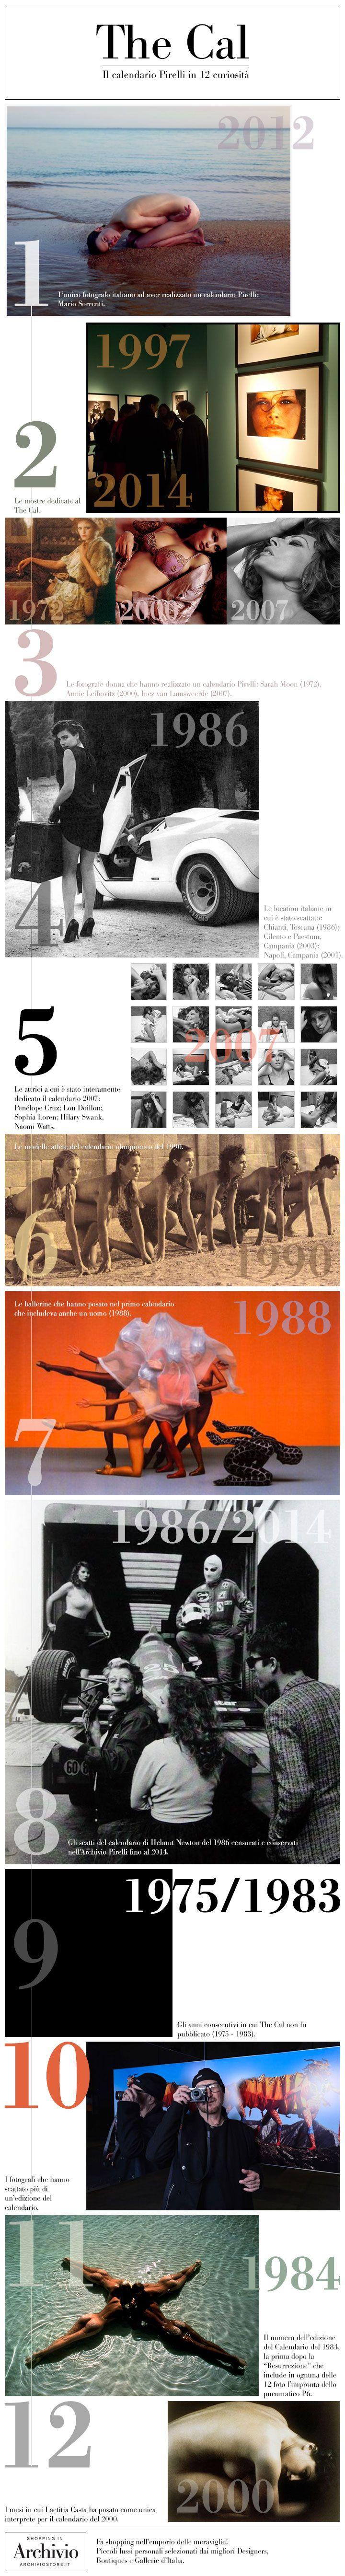 The Cal: il Calendario Pirelli in 12 Curiosità  Numero per numero abbiamo cercato 12 curiosità sul calendario più famoso del Mondo e le abbiamo riassunte in un'infografica. #CalendarioPirelli #TheCal #photo